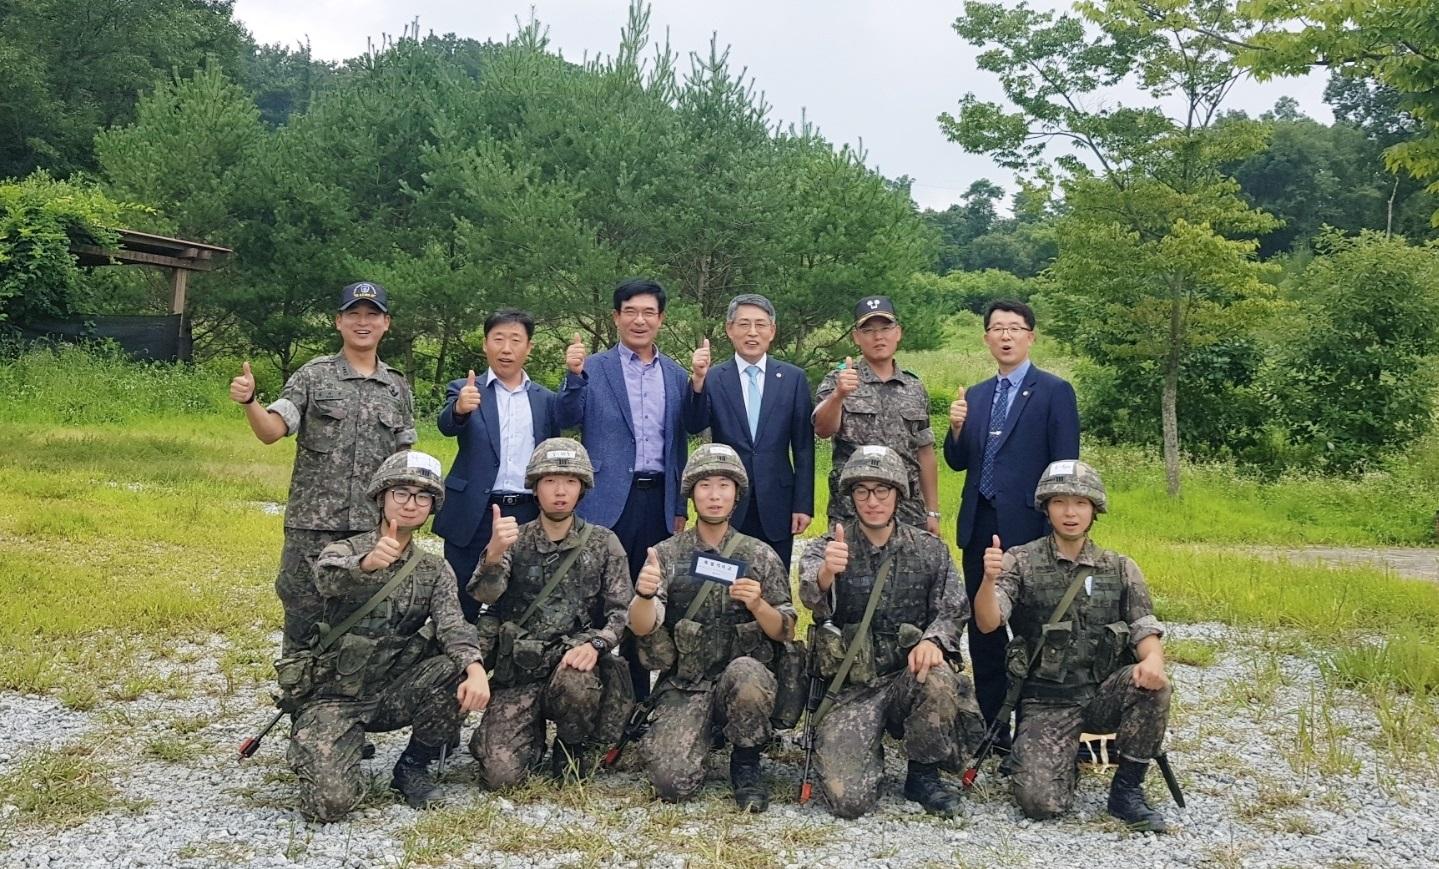 '19년 총장님 육군학생군사학교 방문